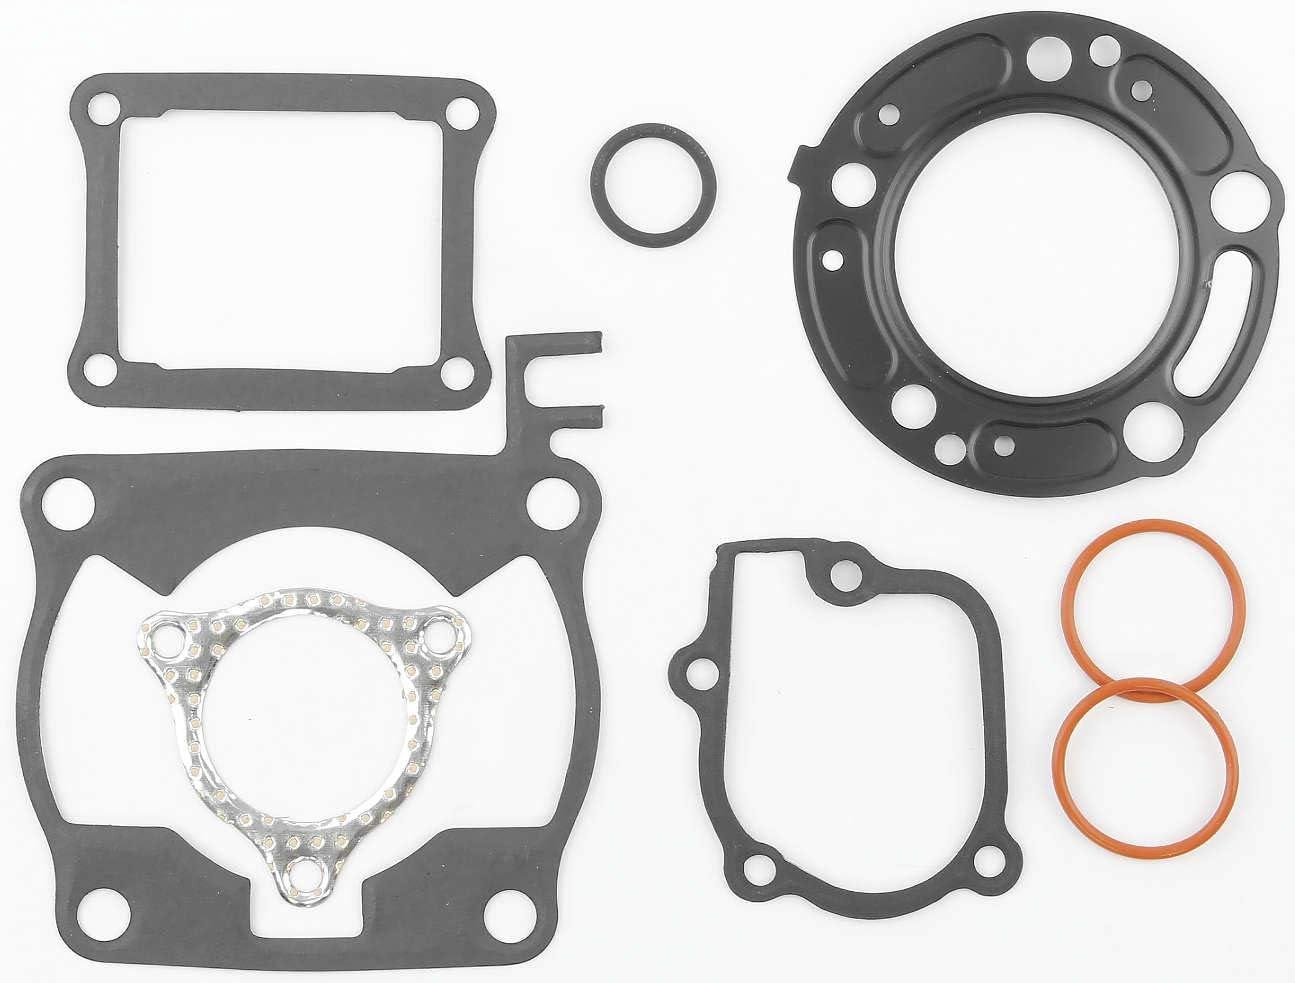 2002 Honda CR125R Top End Gasket Kit 54.00mm Bore TOP END KIT STD CR125 2001 Manufacturer: Cometic Gasket